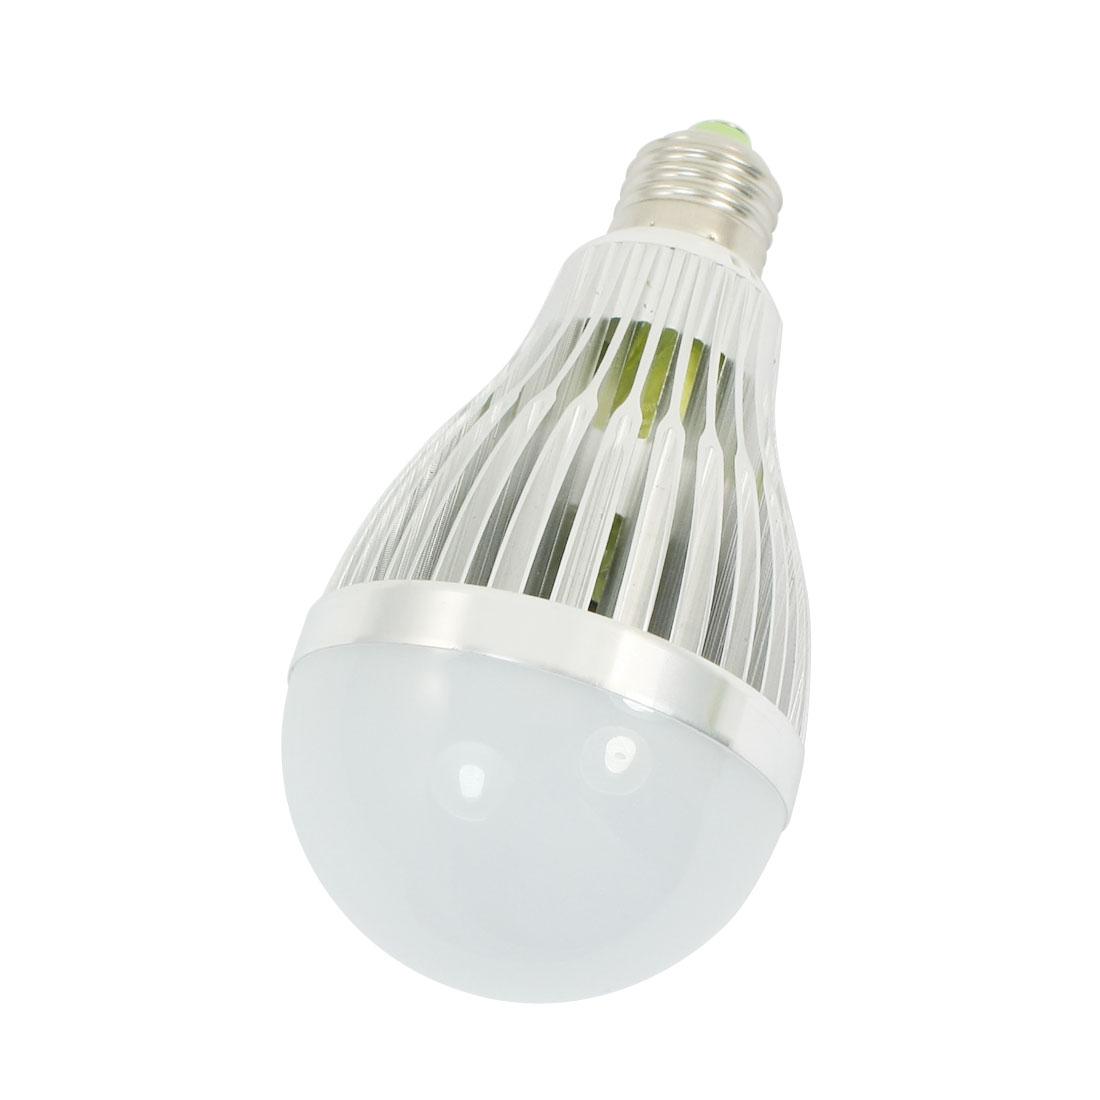 E27 Base 6000-6500K 1200Lm White 12 x 1W LEDs SMD Globe Ball Light Lamp AC 85-265V for Home Office